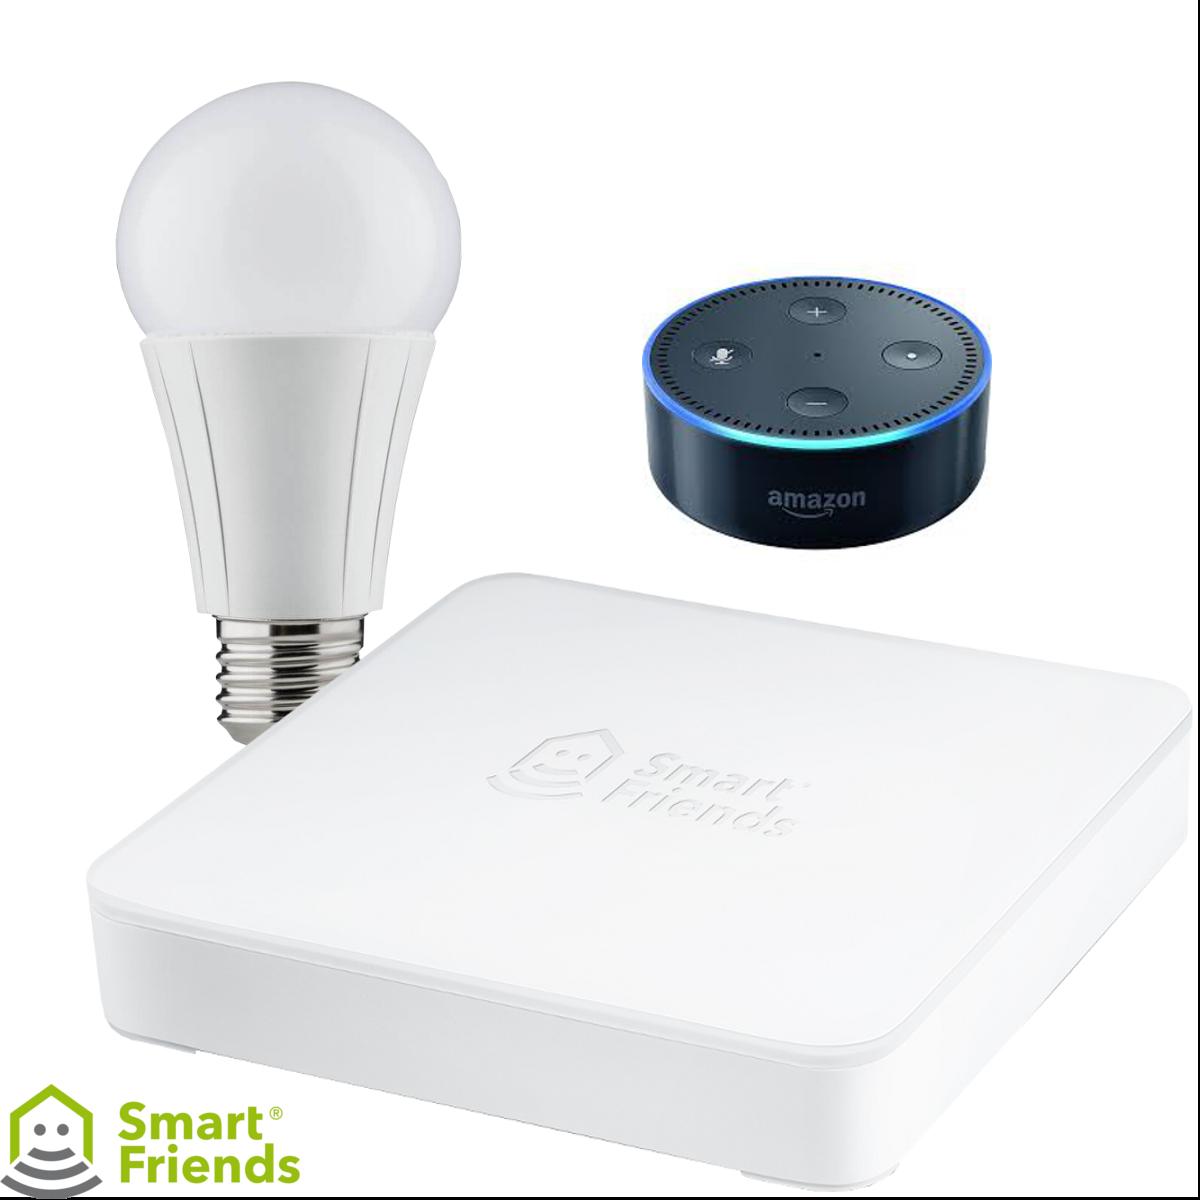 SmartFriends Starterset Innenbeleuchtung + Echo Dot